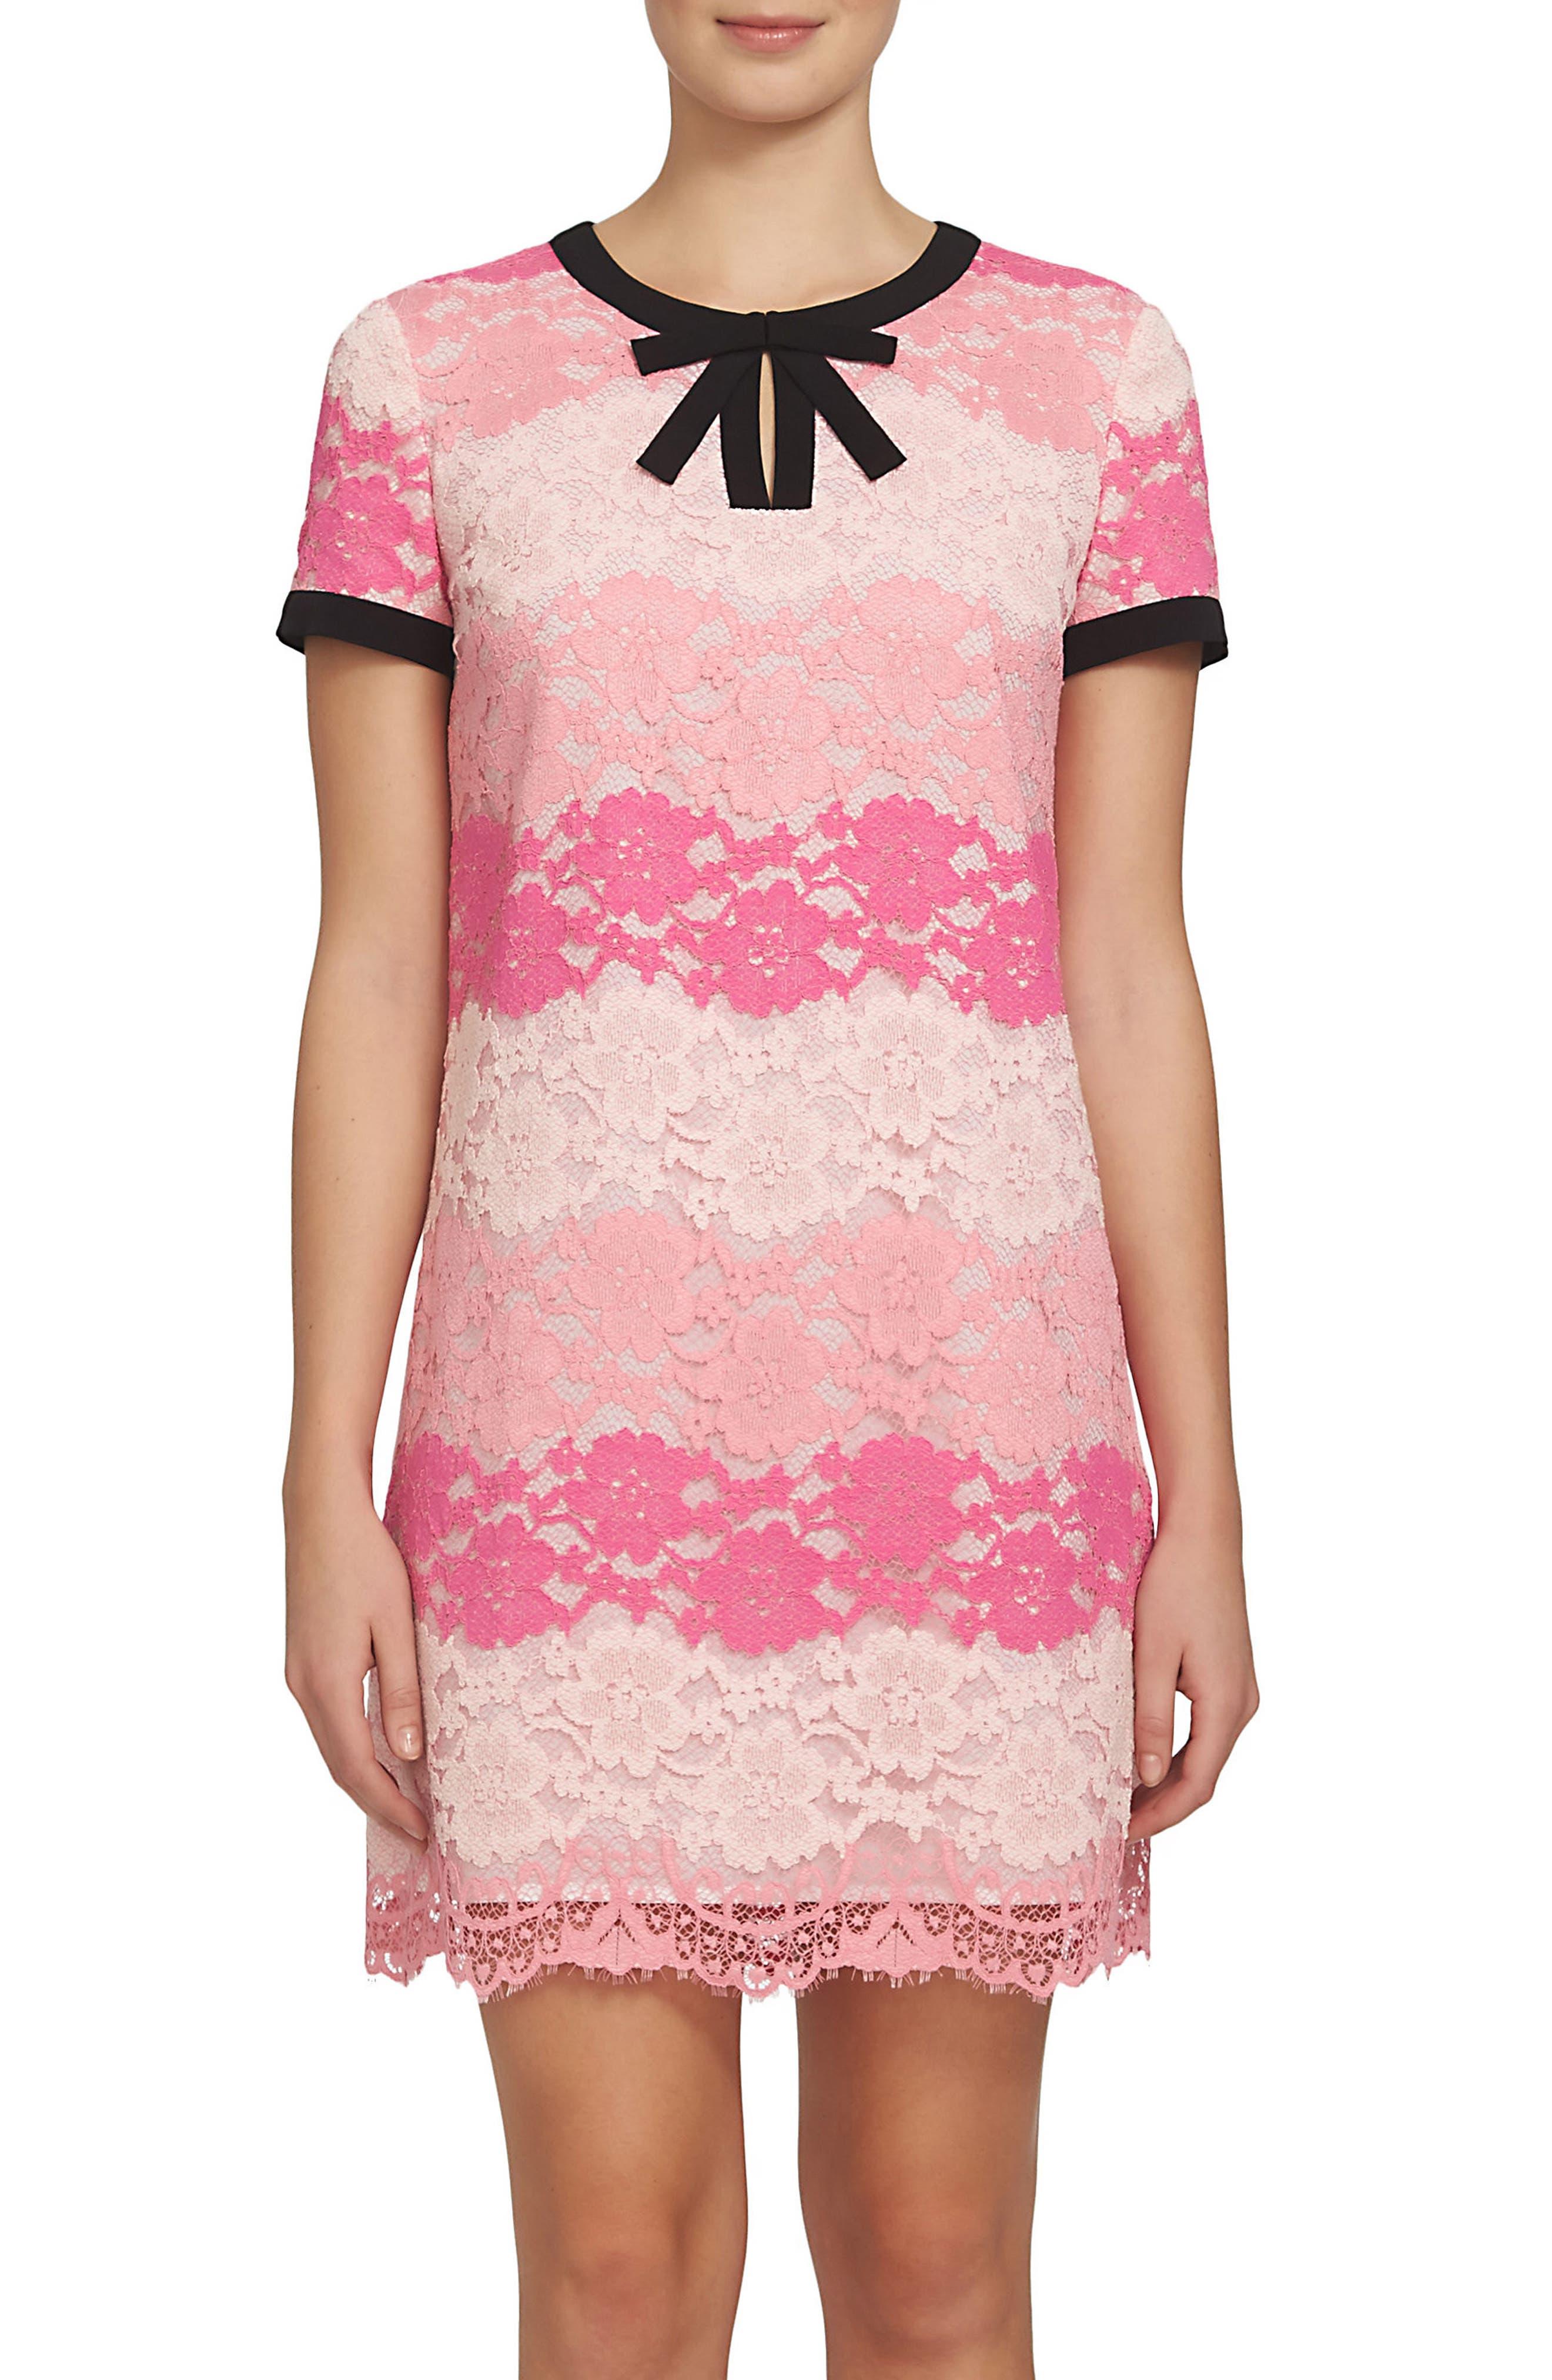 CECE Brandy Lace Shift Dress